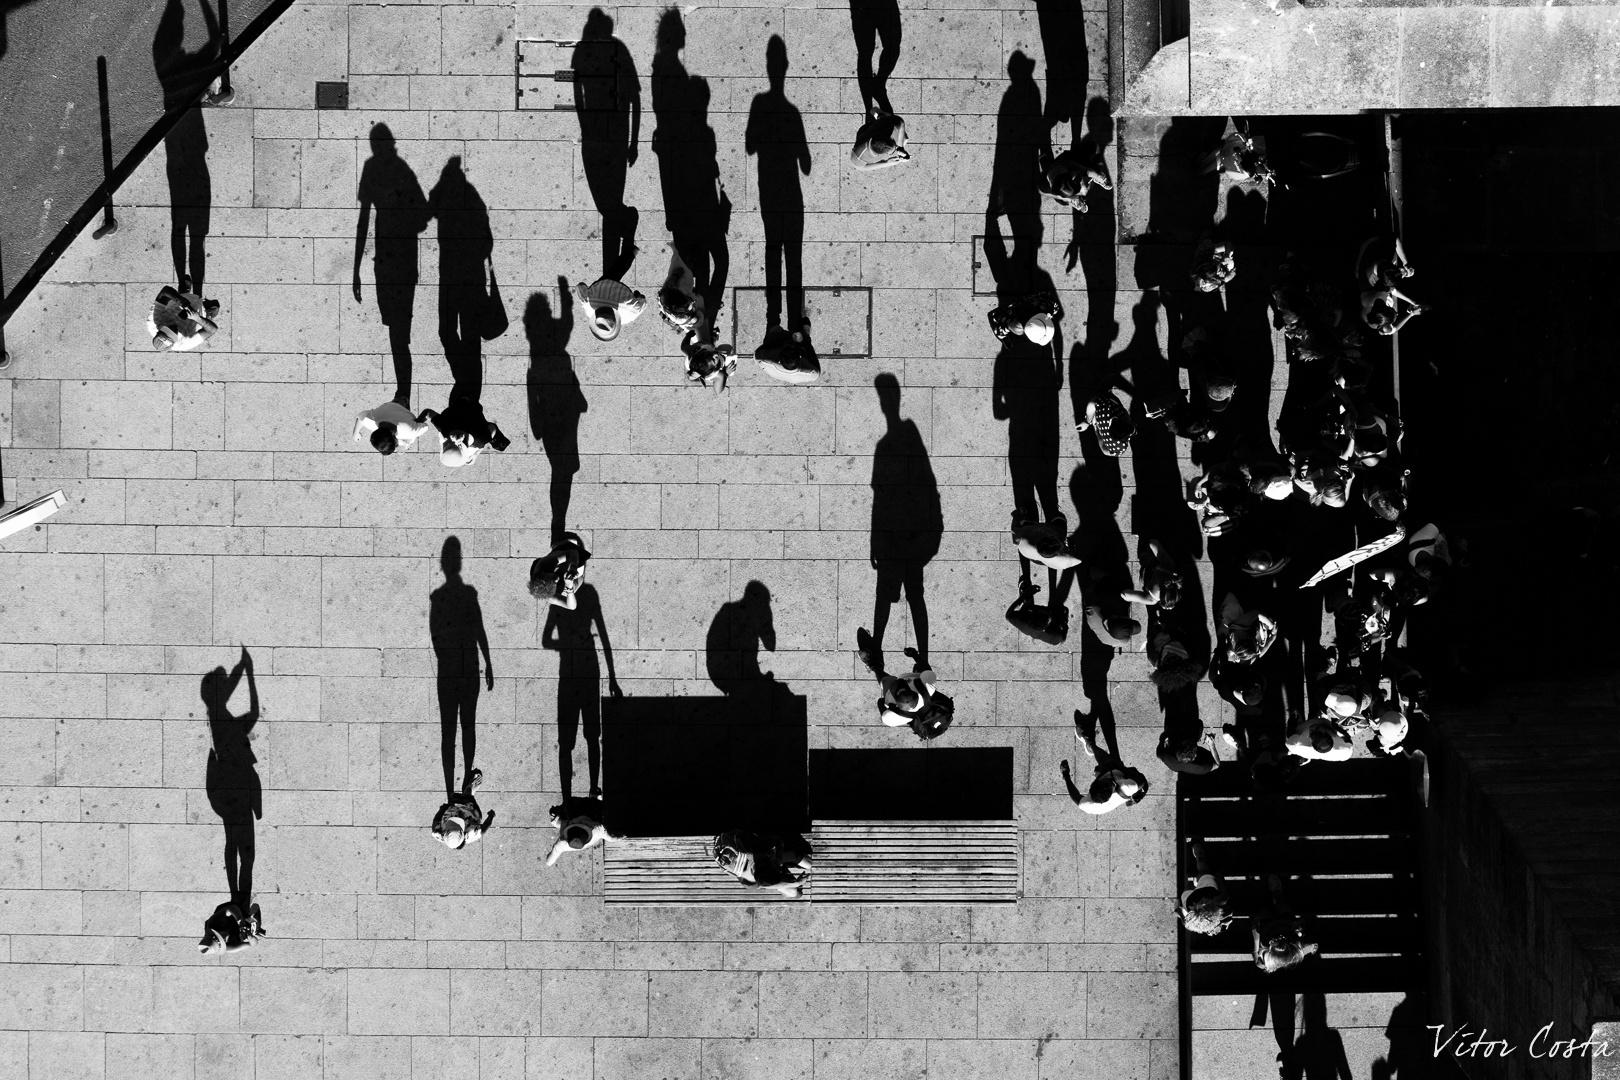 Gentes e Locais/The shadows